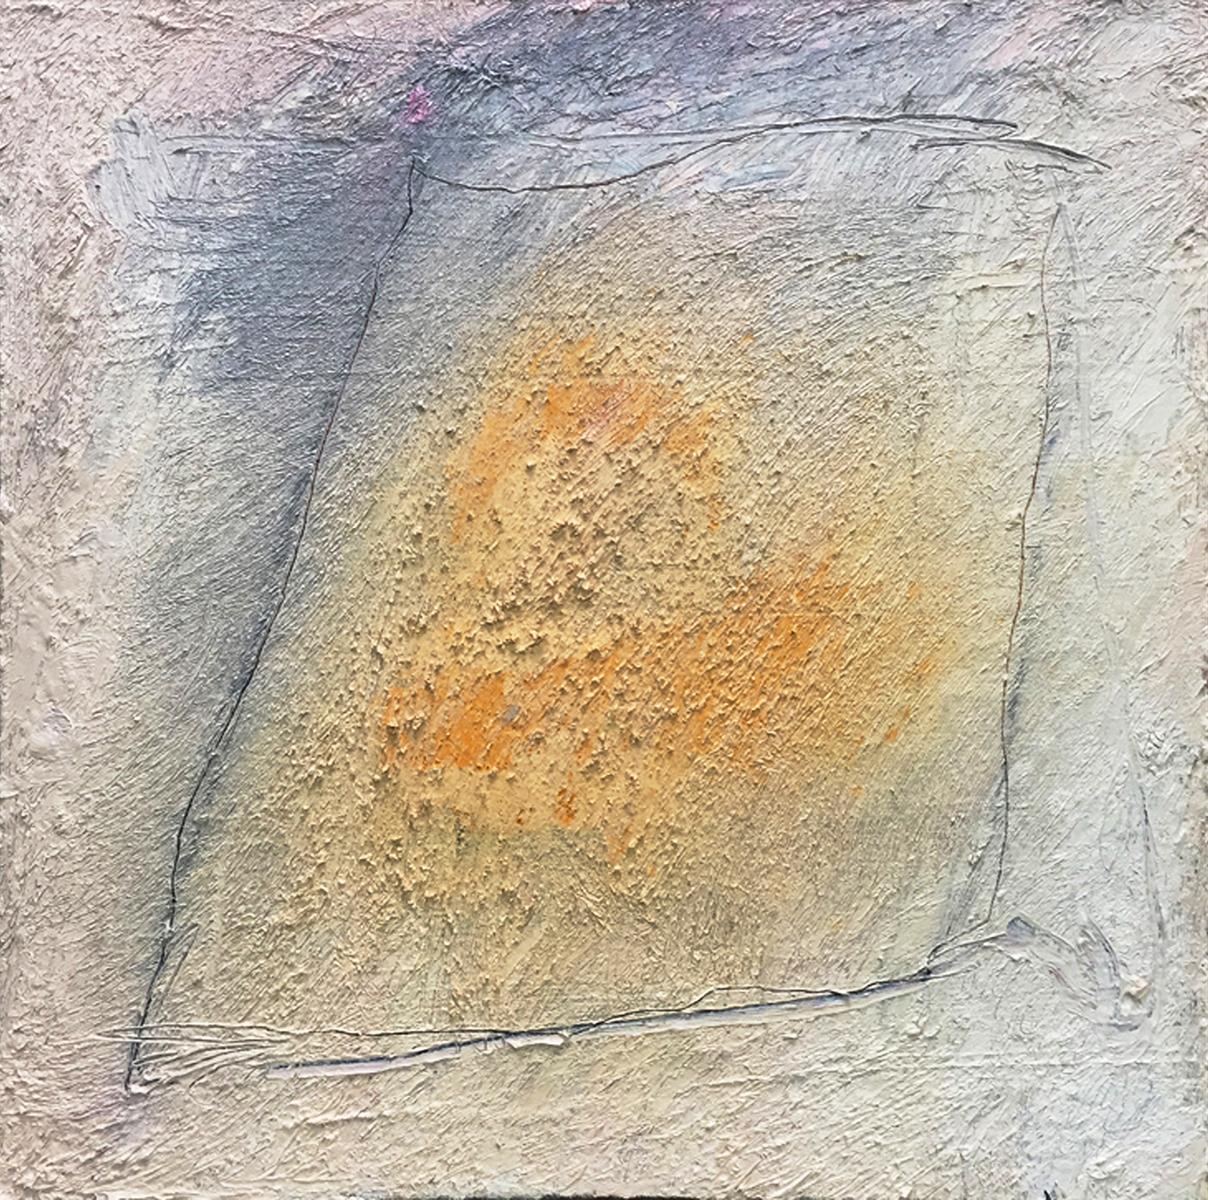 MARC FELD 2017 TÉLÉMAQUE Huile, pigment et acrylique sur toile 100 x 100 cm